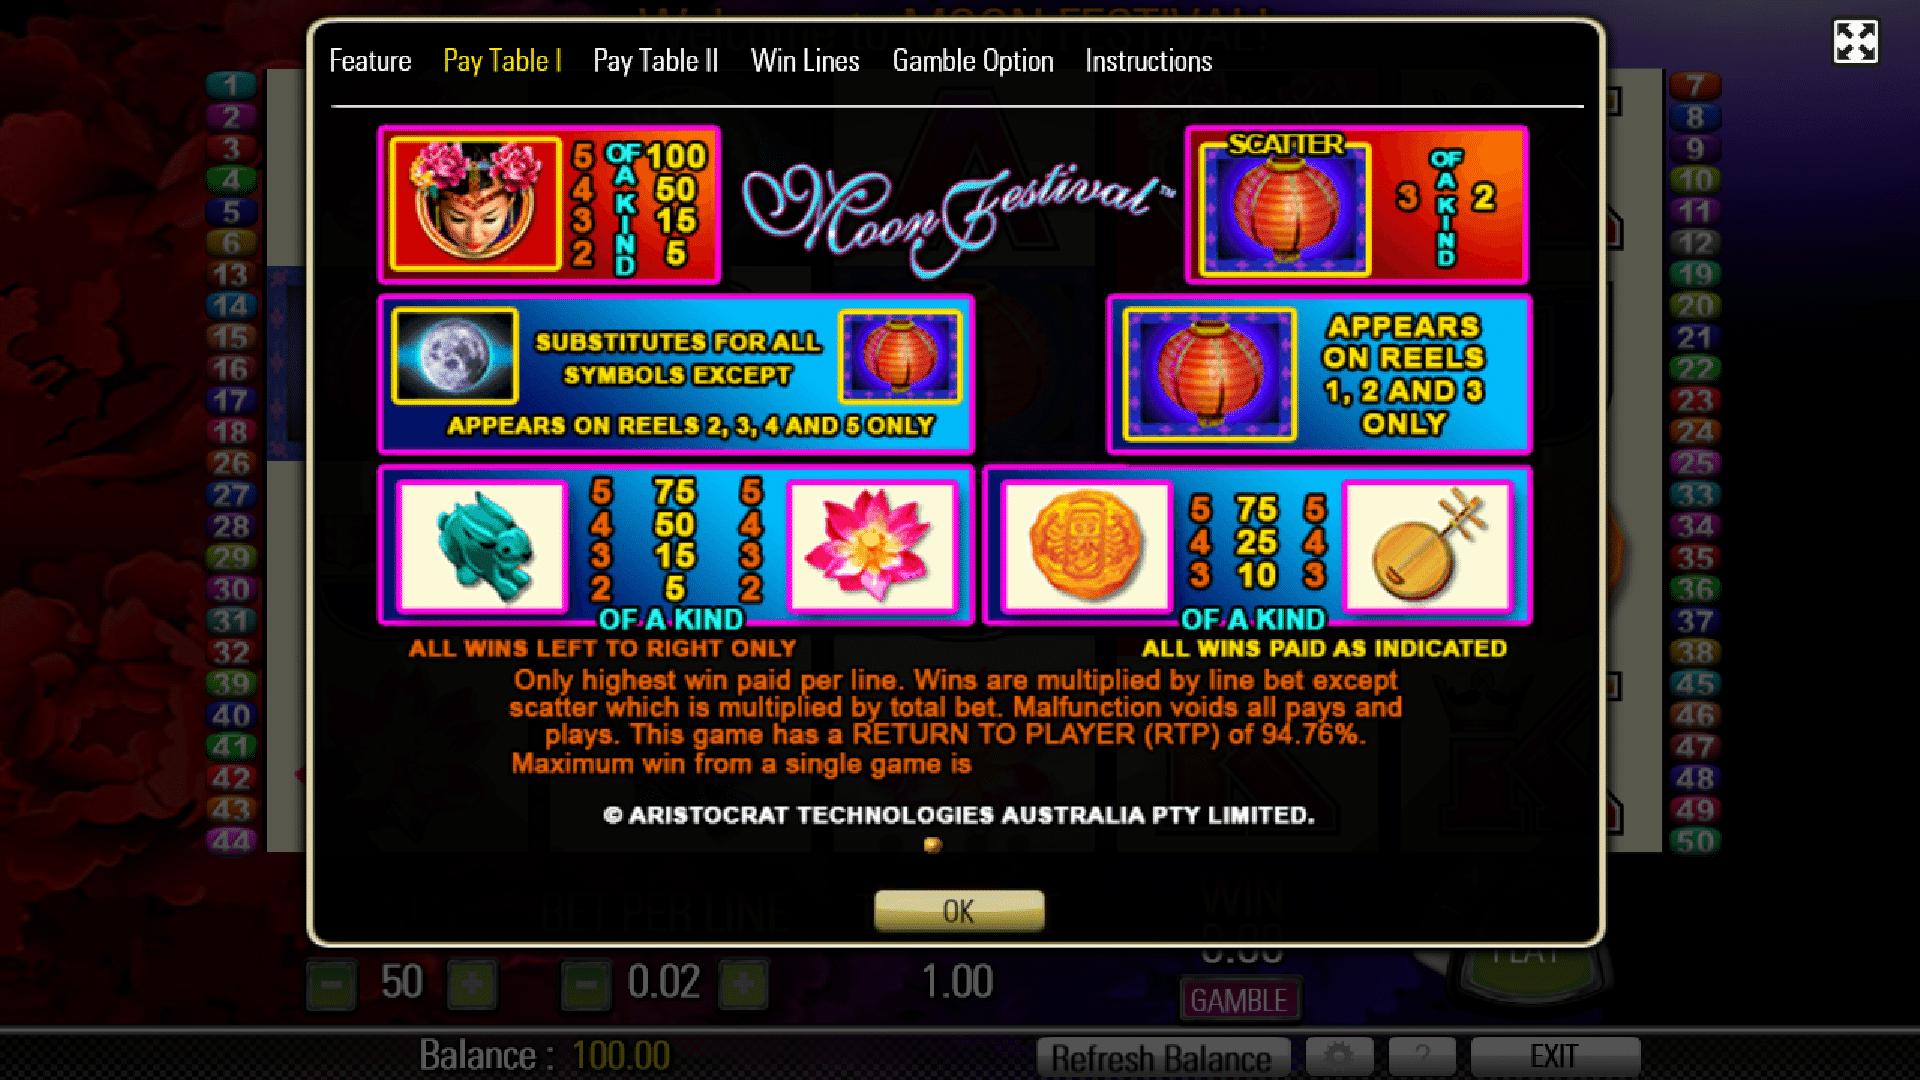 Tabella Pagamenti della Slot gratis Moon Festival